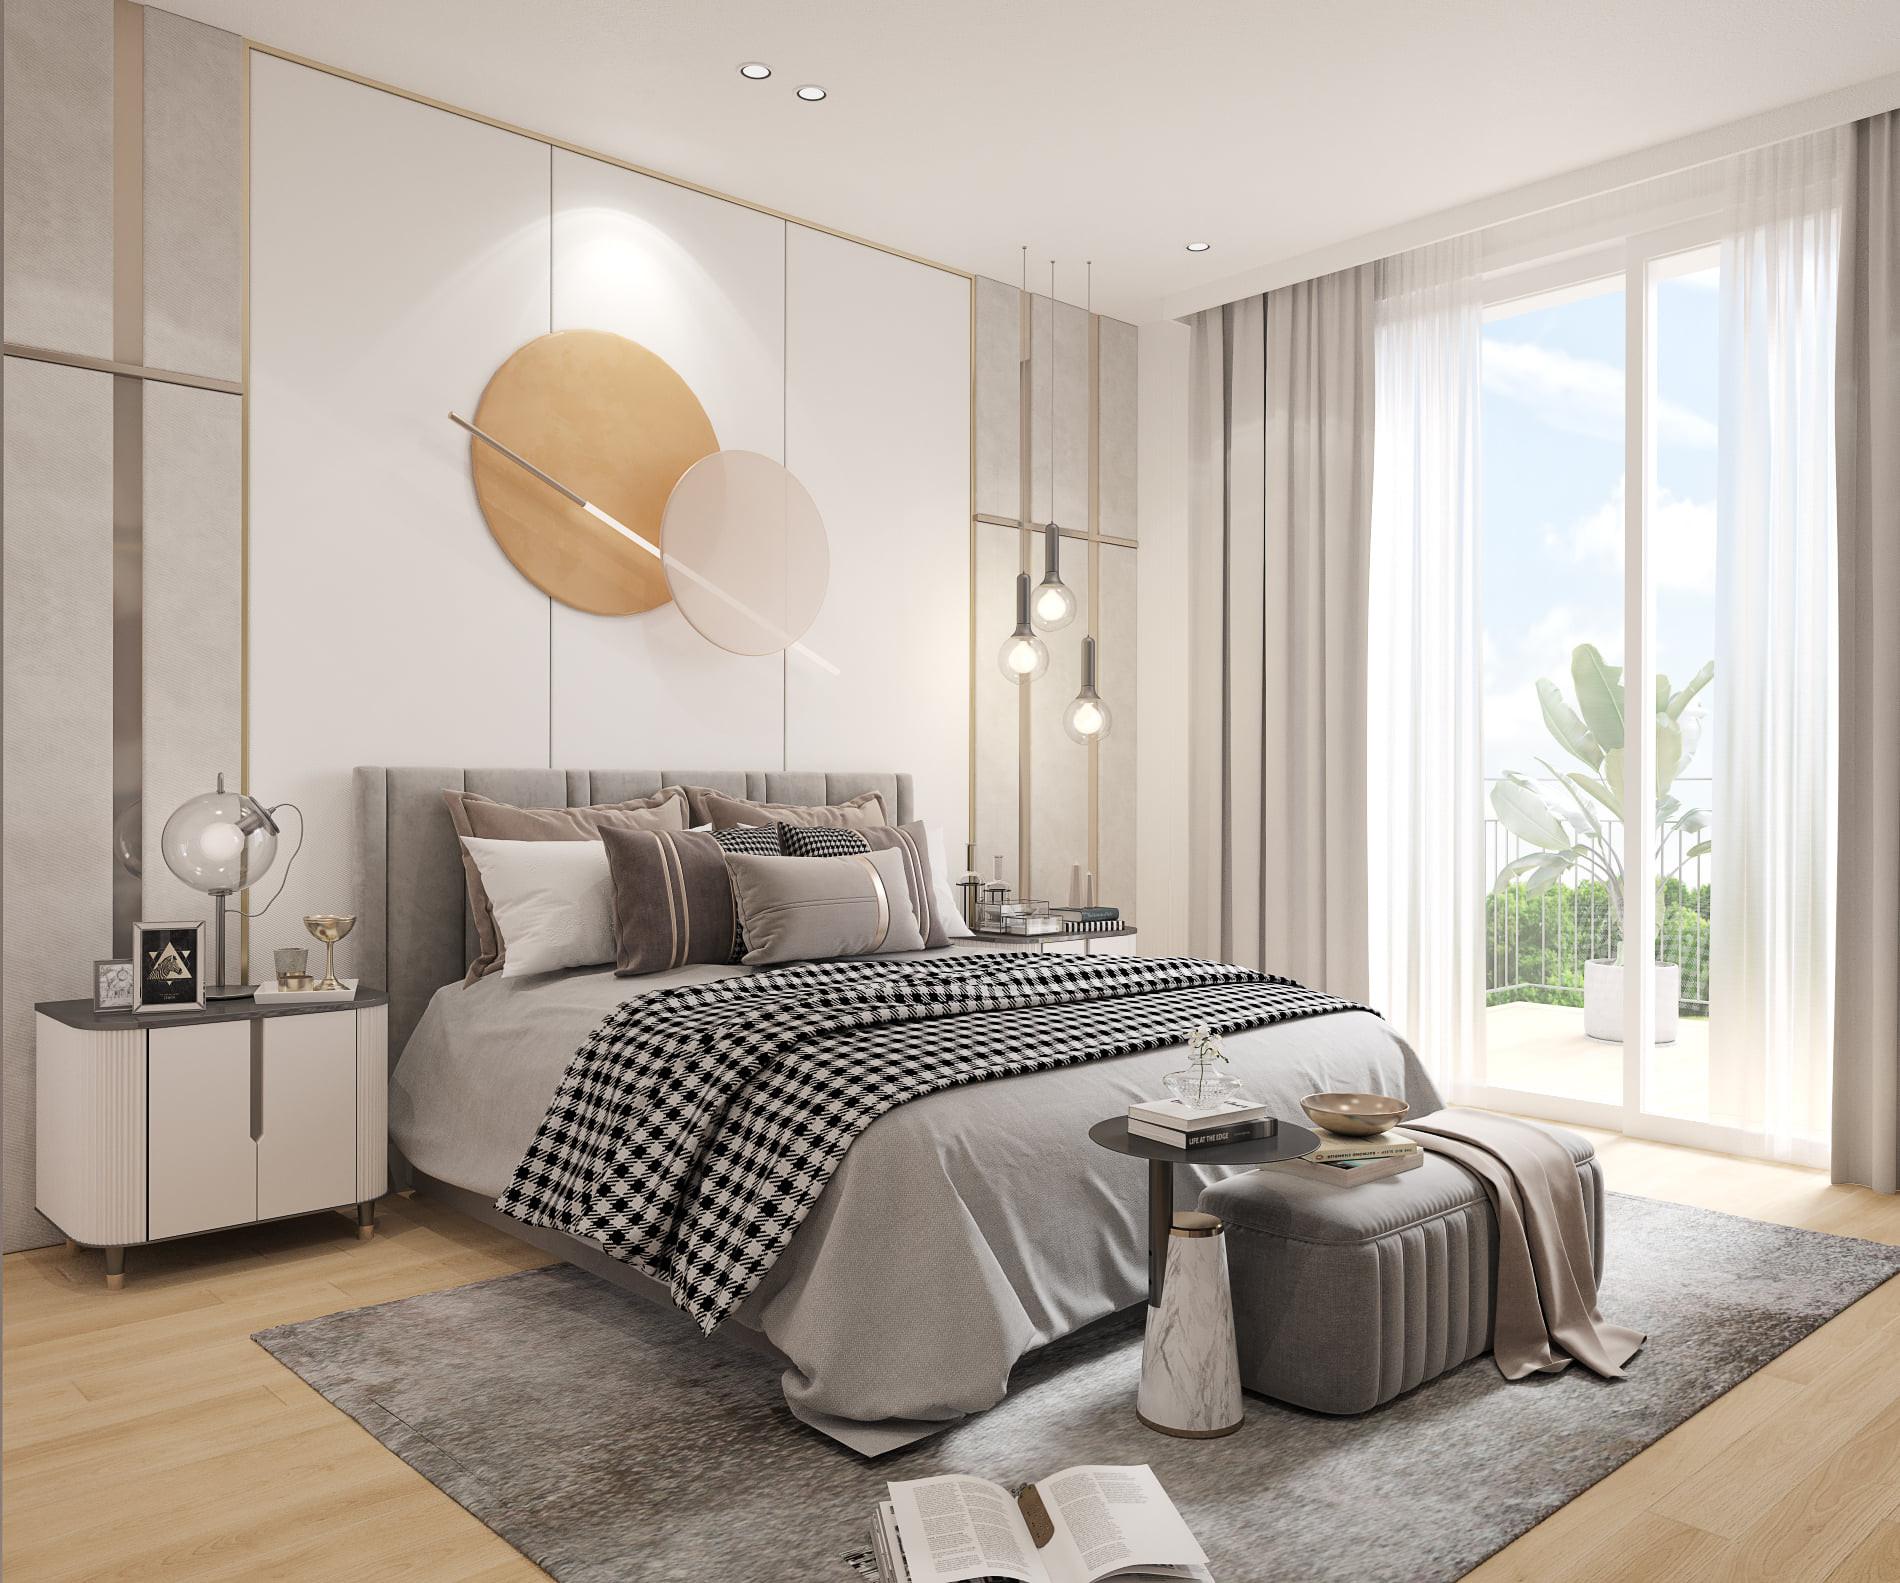 Innenvisualisierung Referenz Schlafzimme